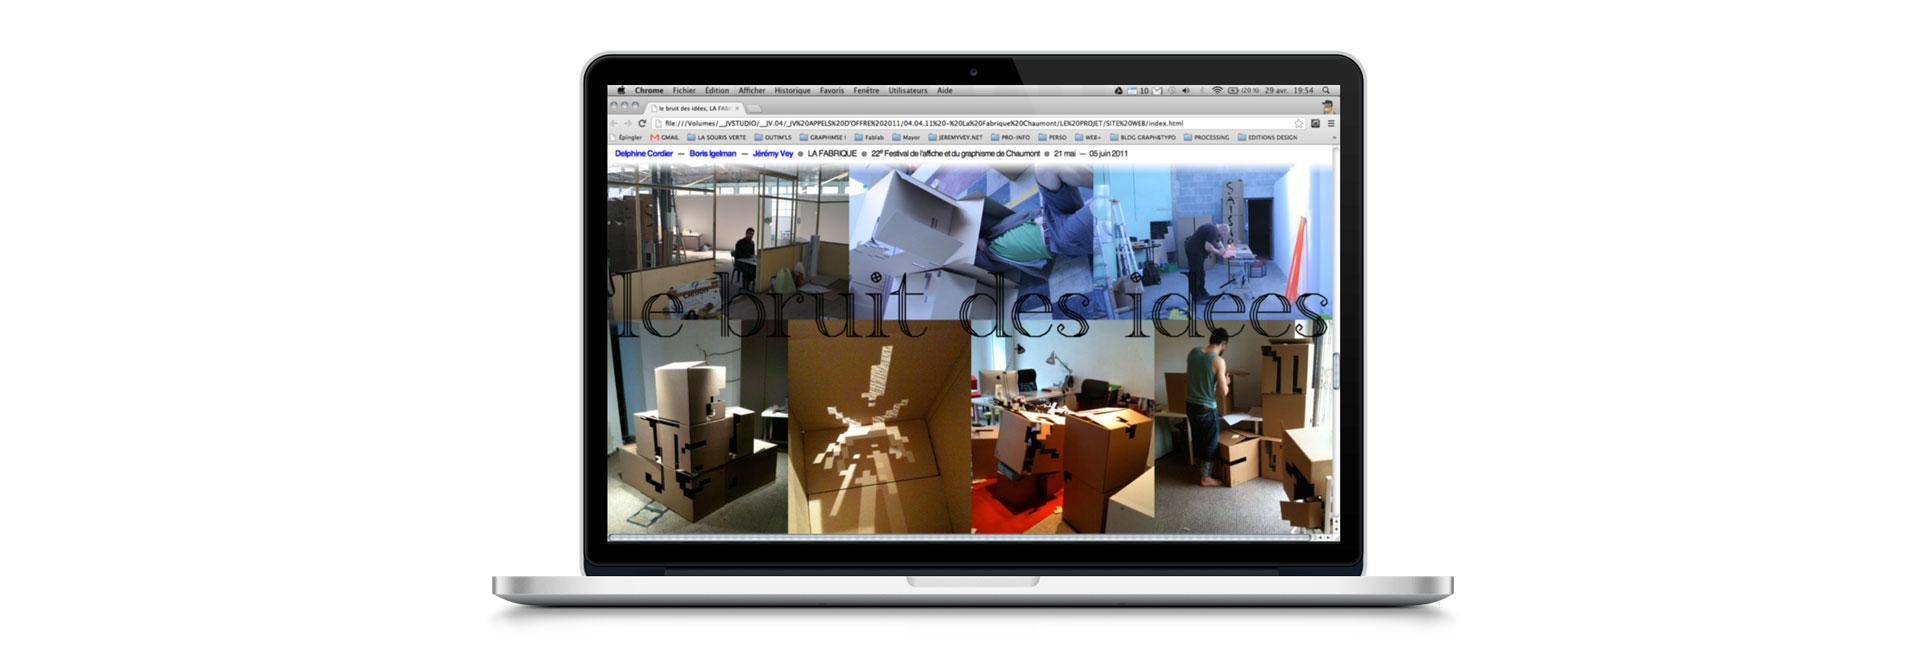 Festival-Chaumont-4-web-design-4